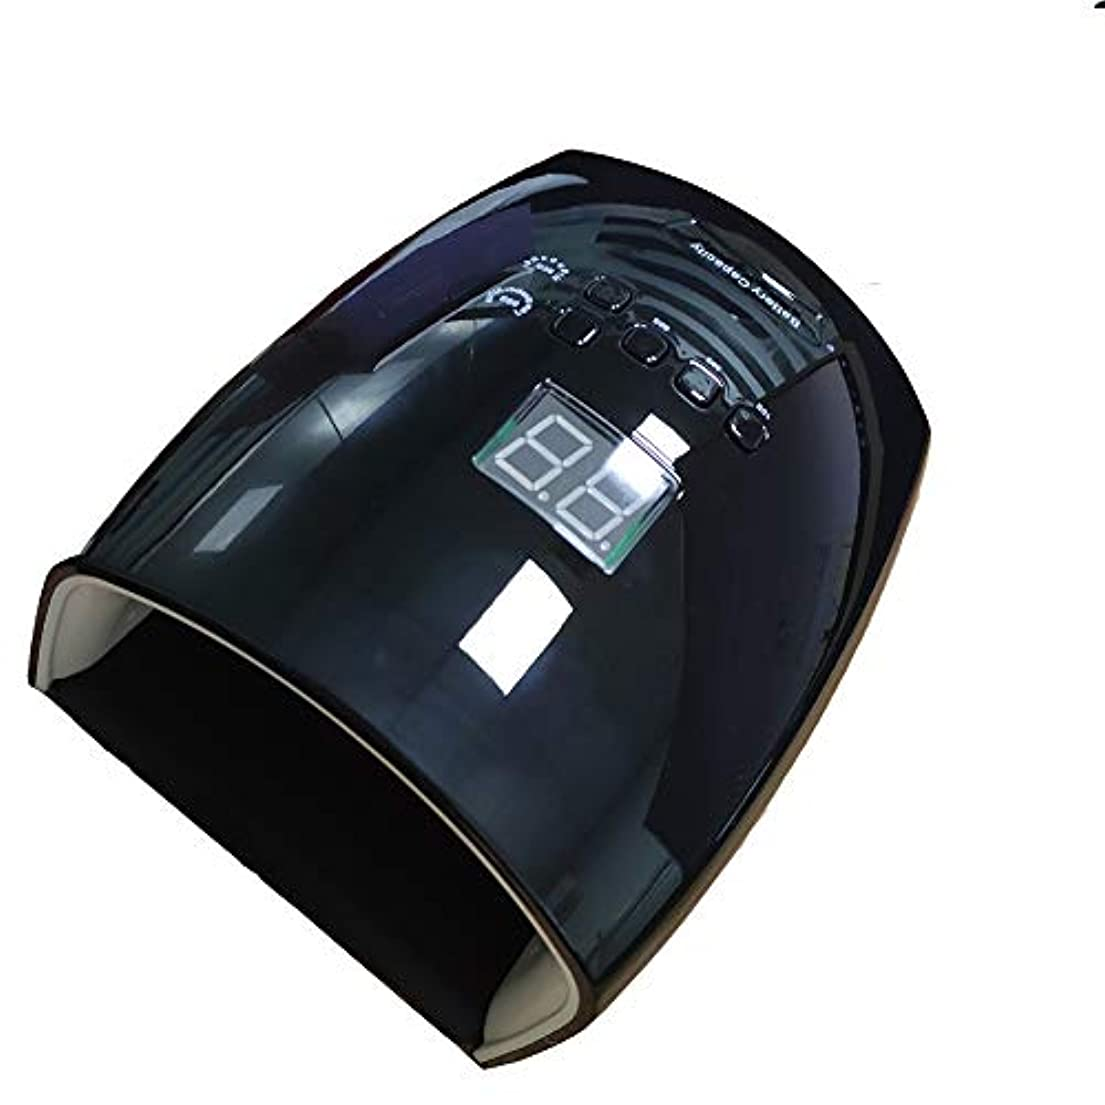 に関して抽象ジェスチャーLEDネイルマシン、インテリジェント赤外線センサー多機能ネイル硬化機プロの美容ネイルポリッシャー、取り外し可能な高速乾燥ジェルマシン